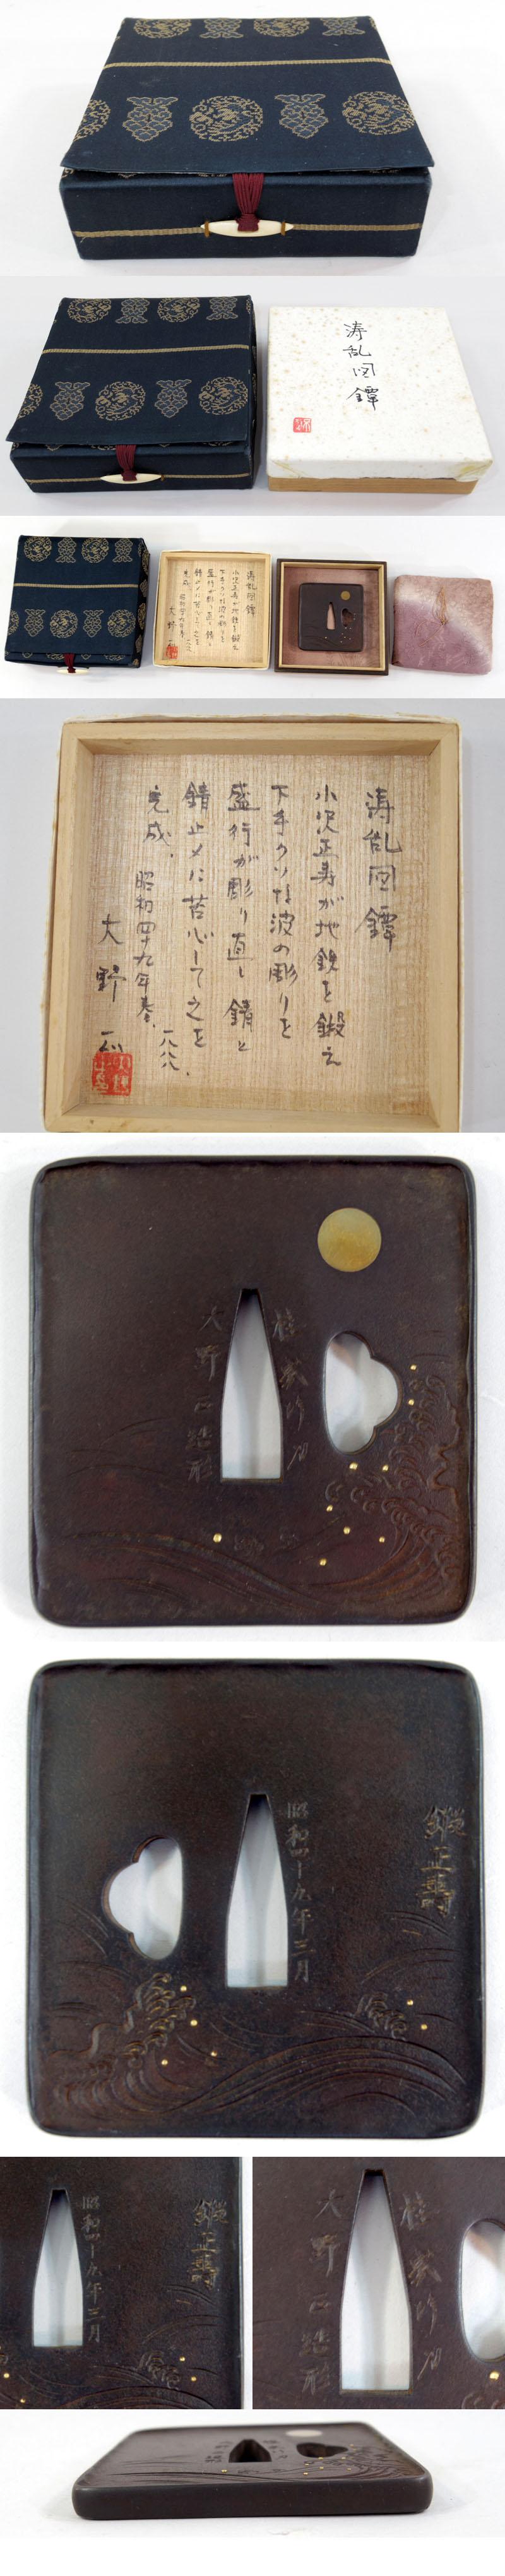 涛瀾図鍔 大野正造形 鍛正寿 昭和四十九年三月 Picture of parts